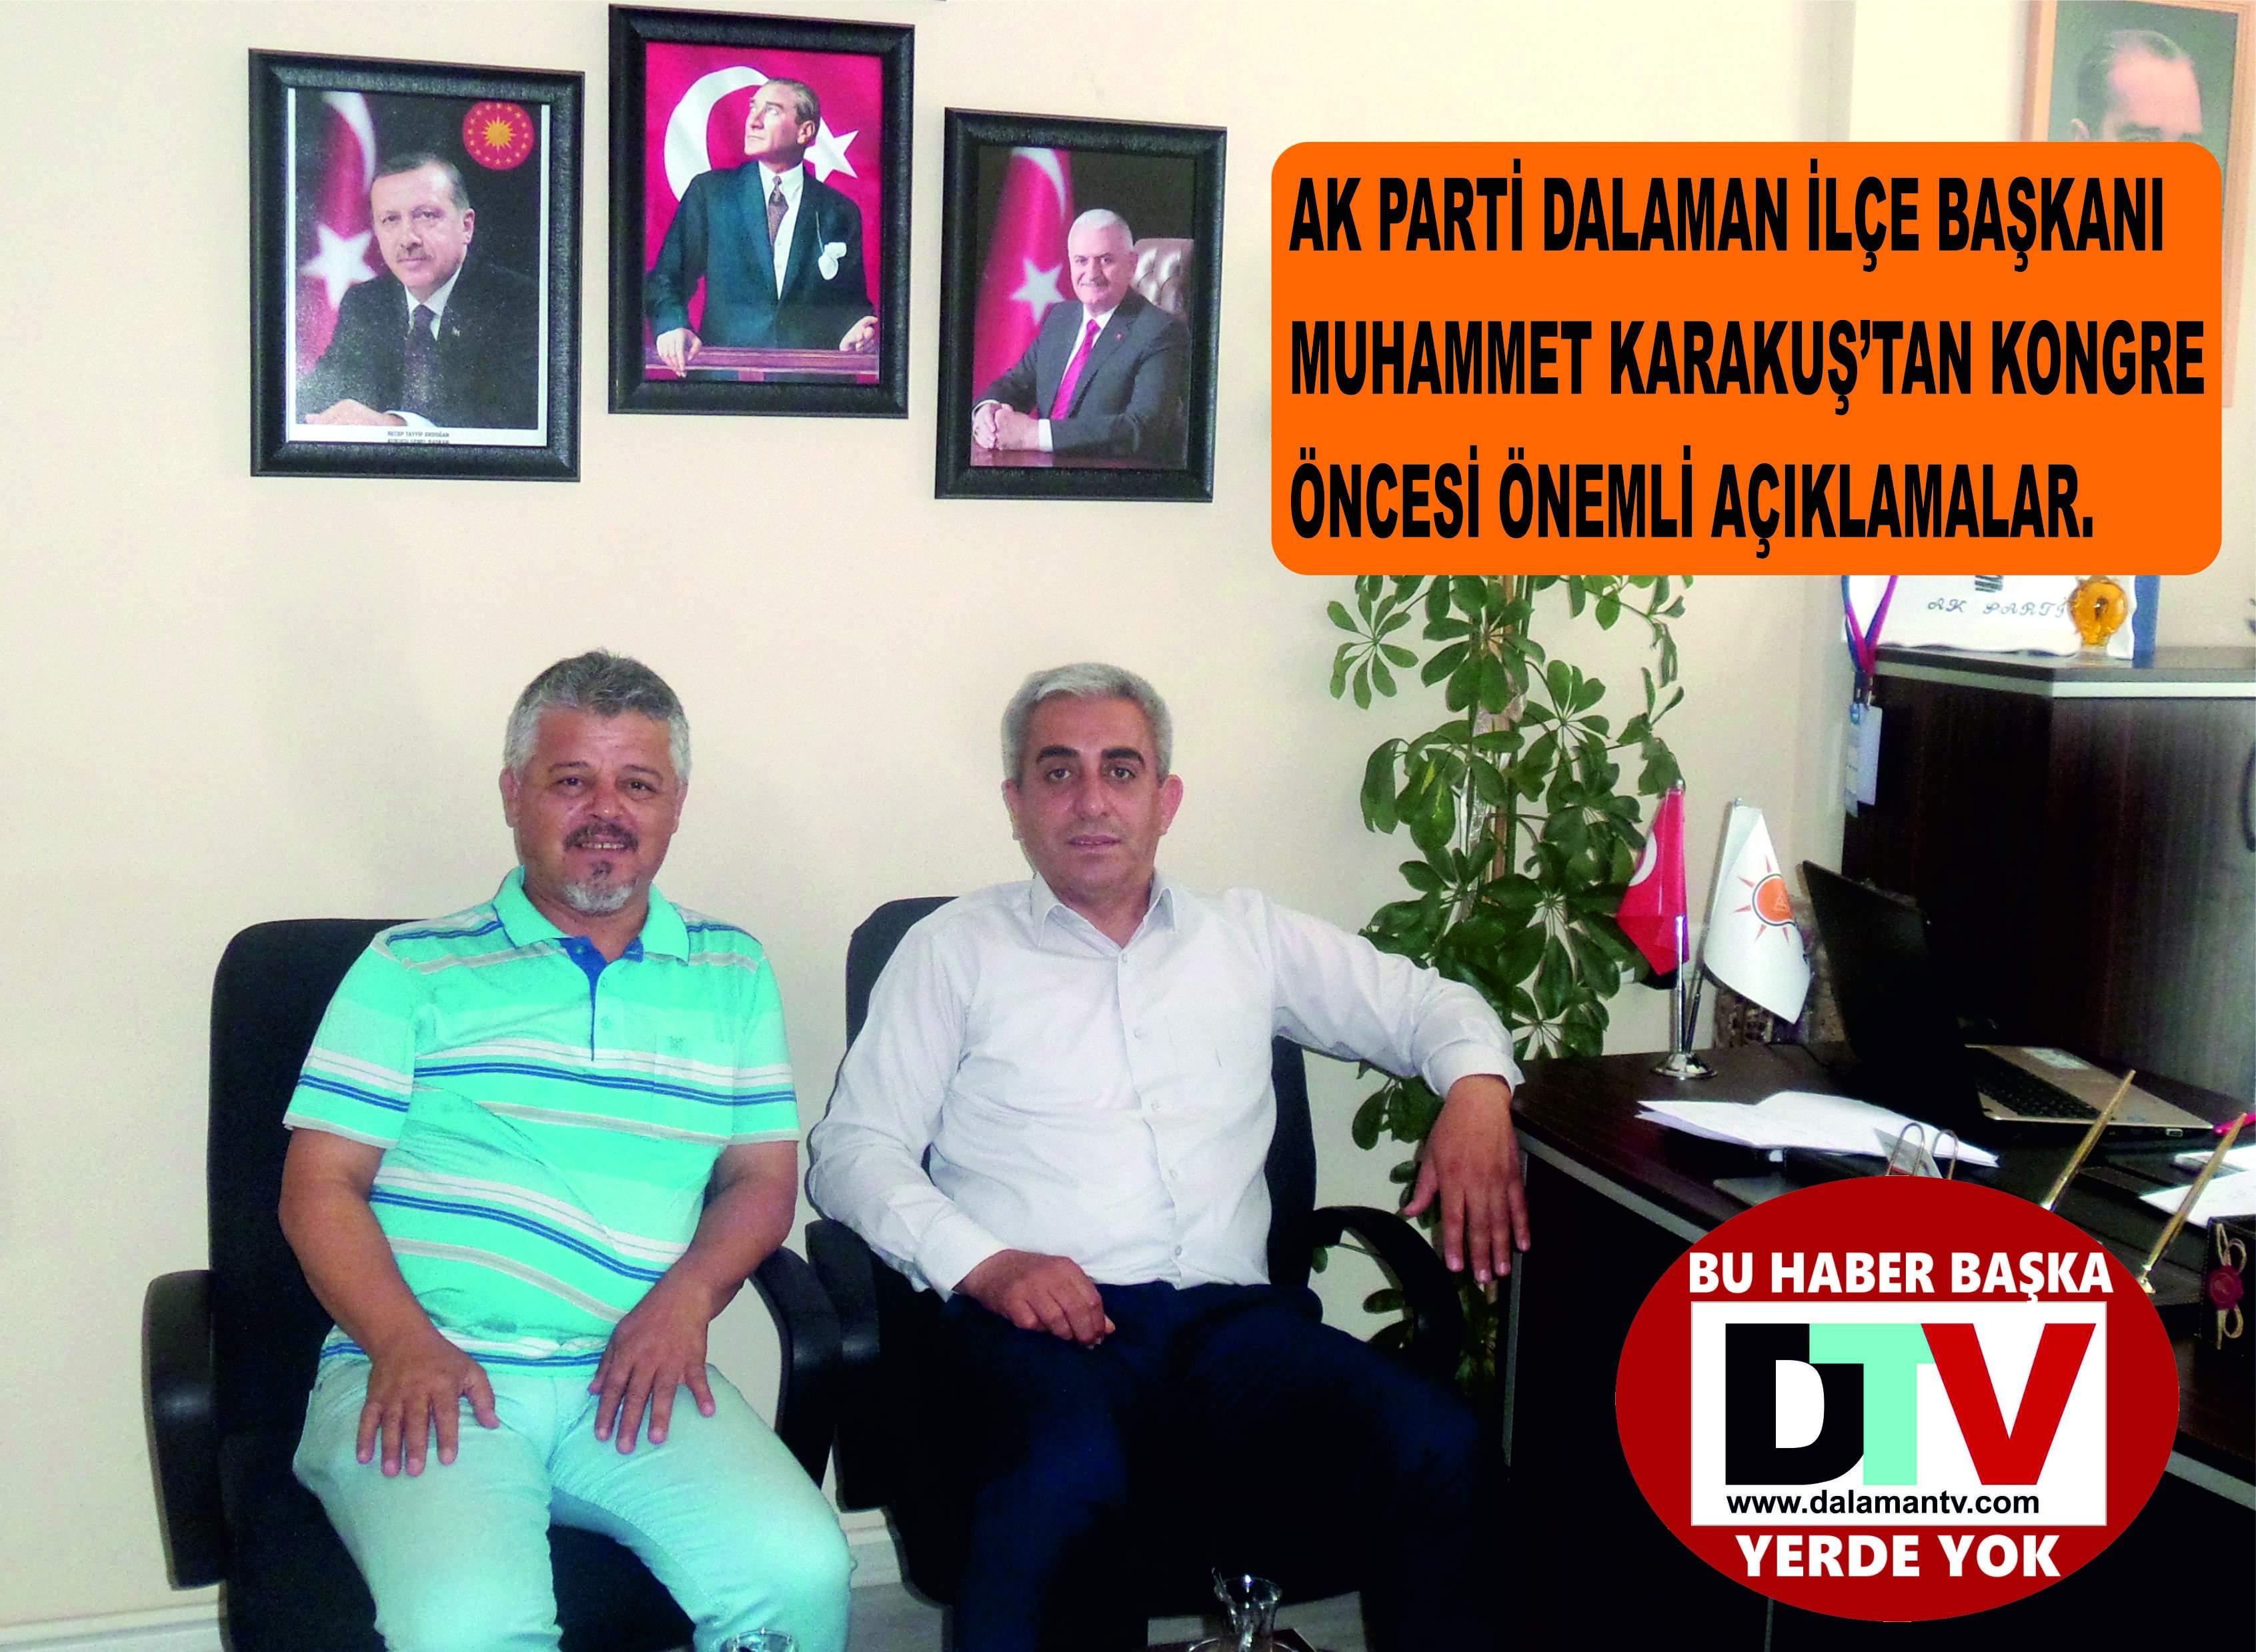 2019 DA BELEDİYEYİ ALAMAZSAK BIRAKIRIM